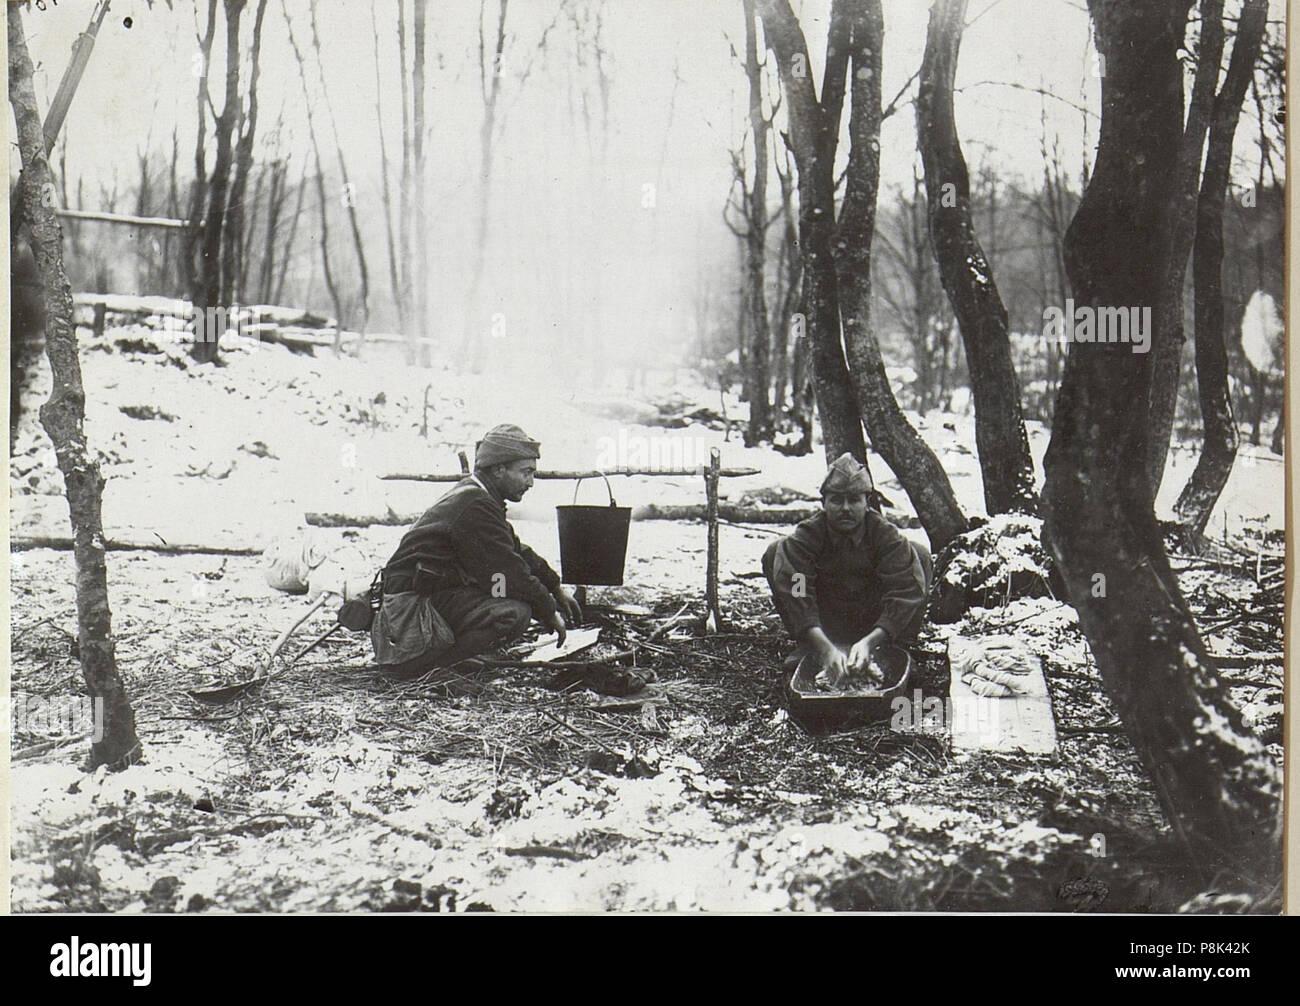 563 Türk.Mannschaften beim Wäschewaschen im Walde. (BildID 15727698) - Stock Image